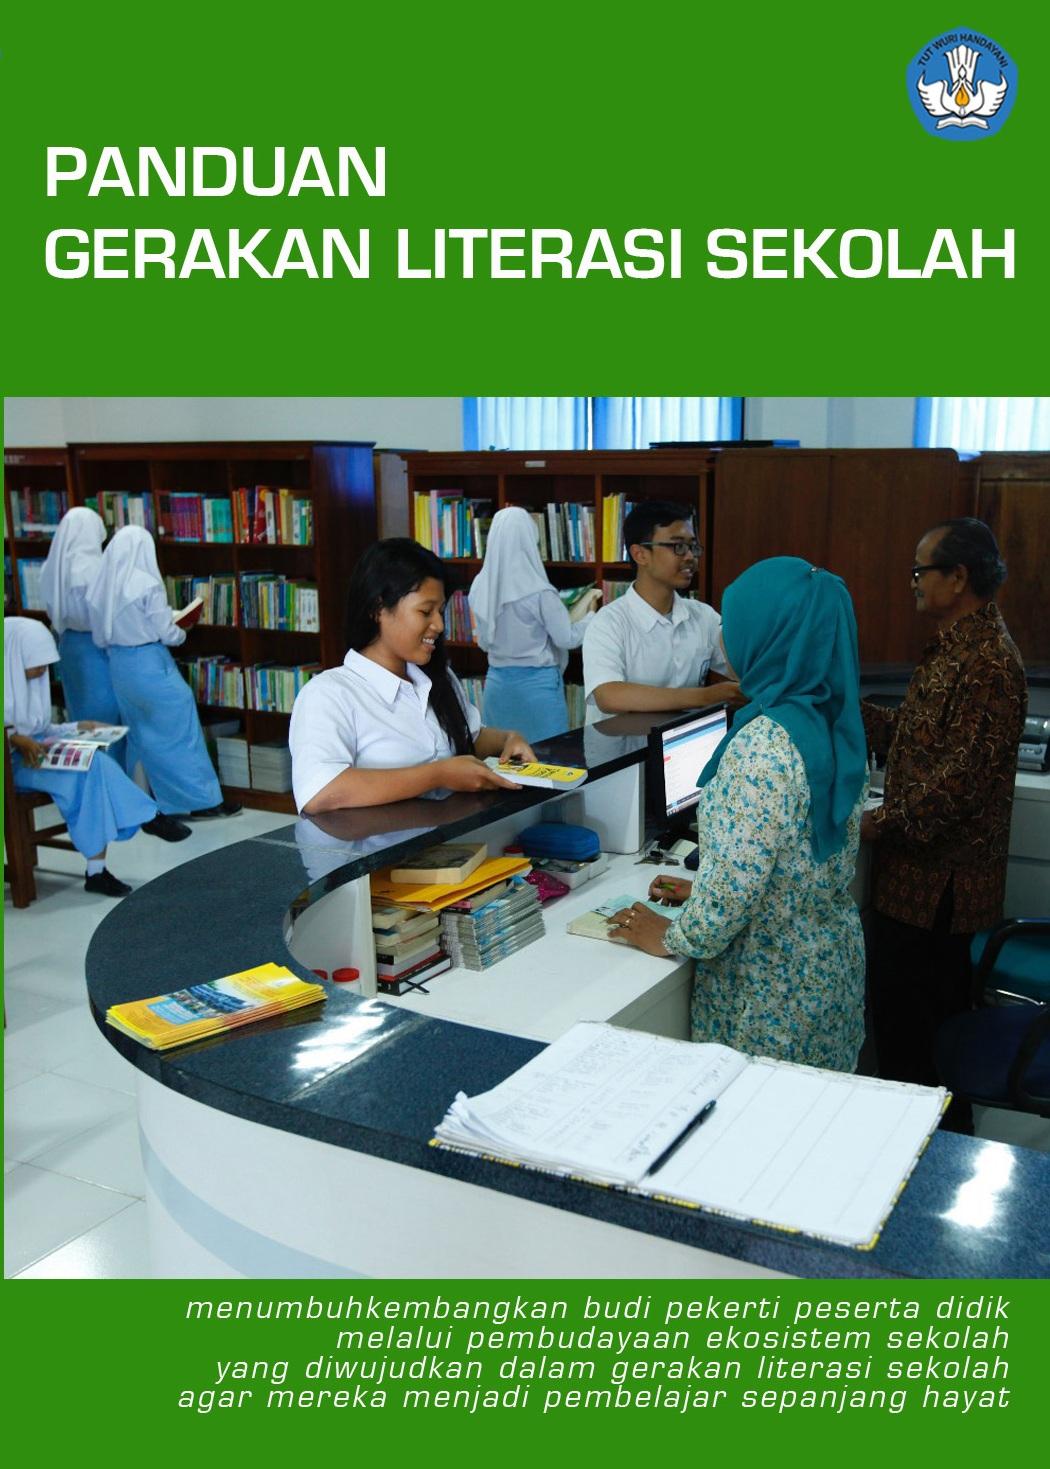 Dokumen ini menjadi panduan bagi pelaksanaan gerakan literasi di SD/SLB/SMP/SMA/SMK